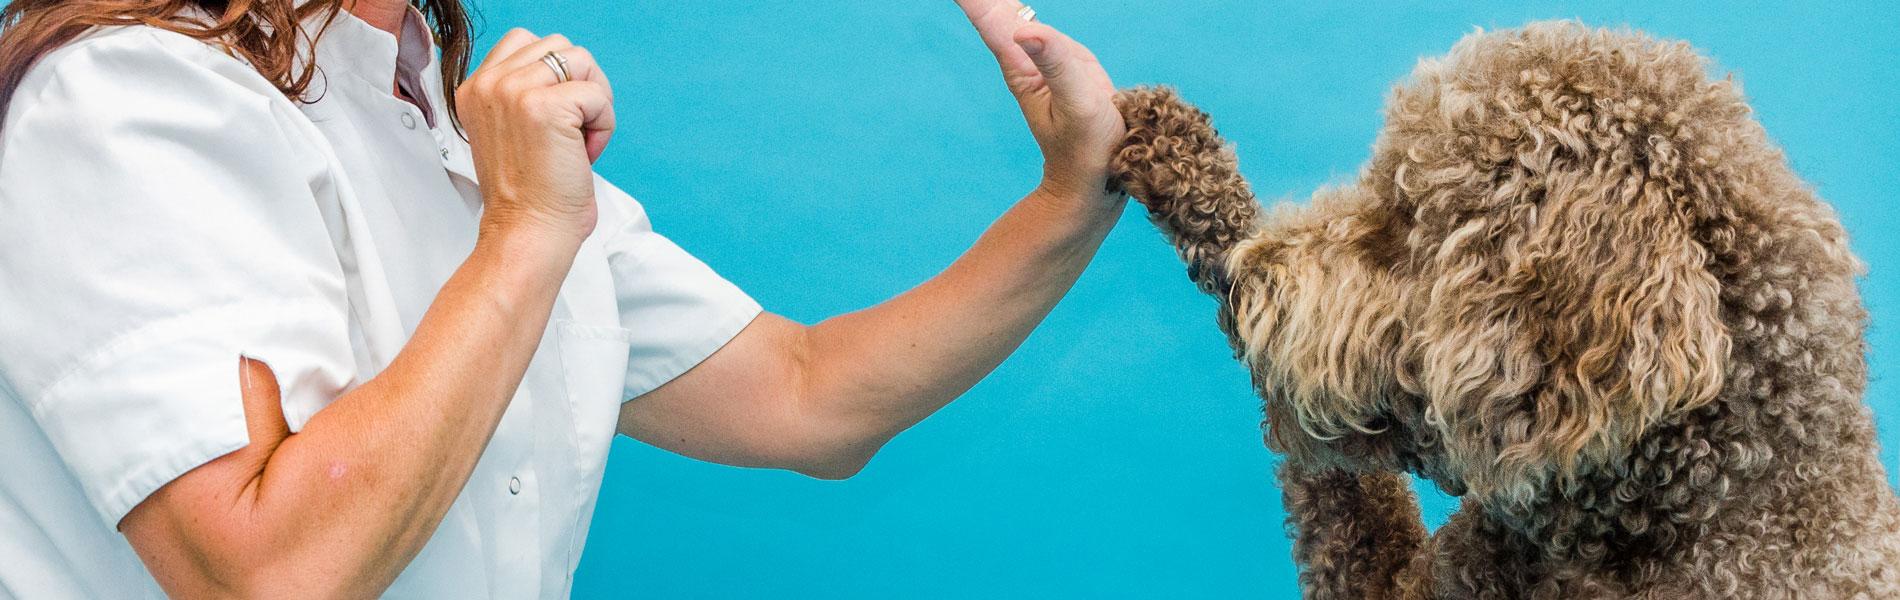 Nieuw bij Dierenkliniek Hengelo: The Healthy Pet Club!